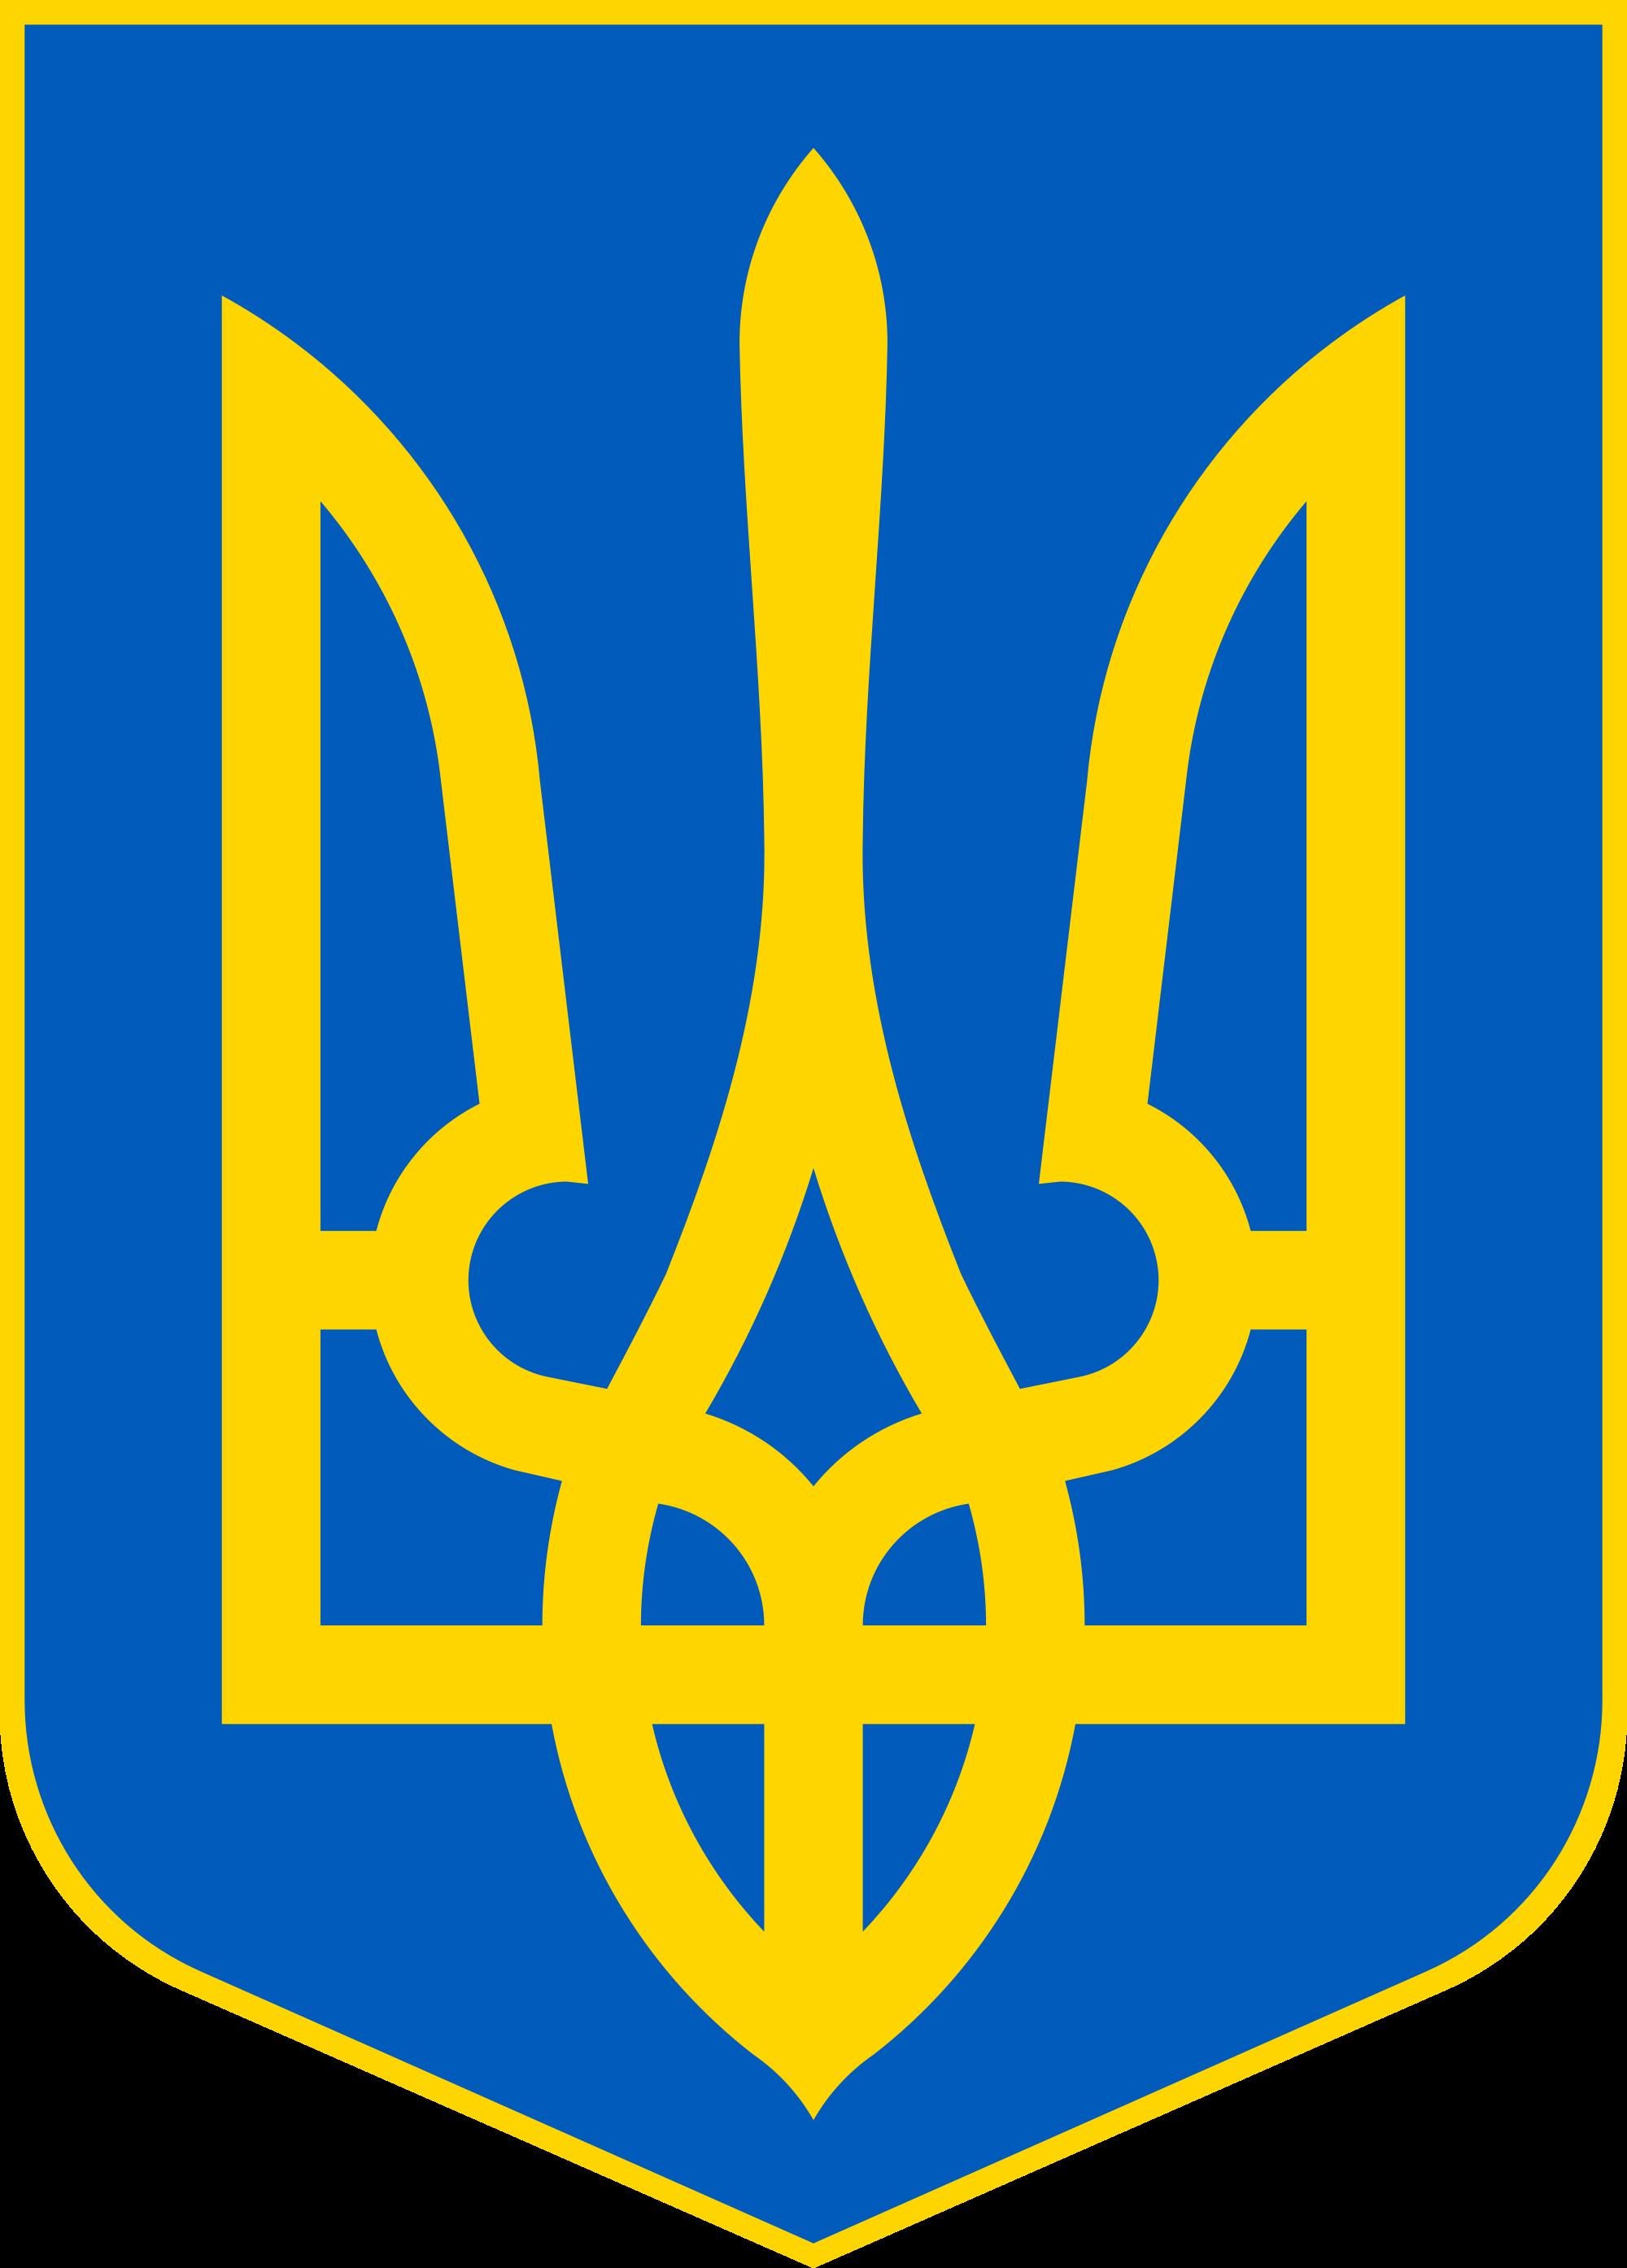 Coat of Arms of Ukraine.png - Ukraine PNG